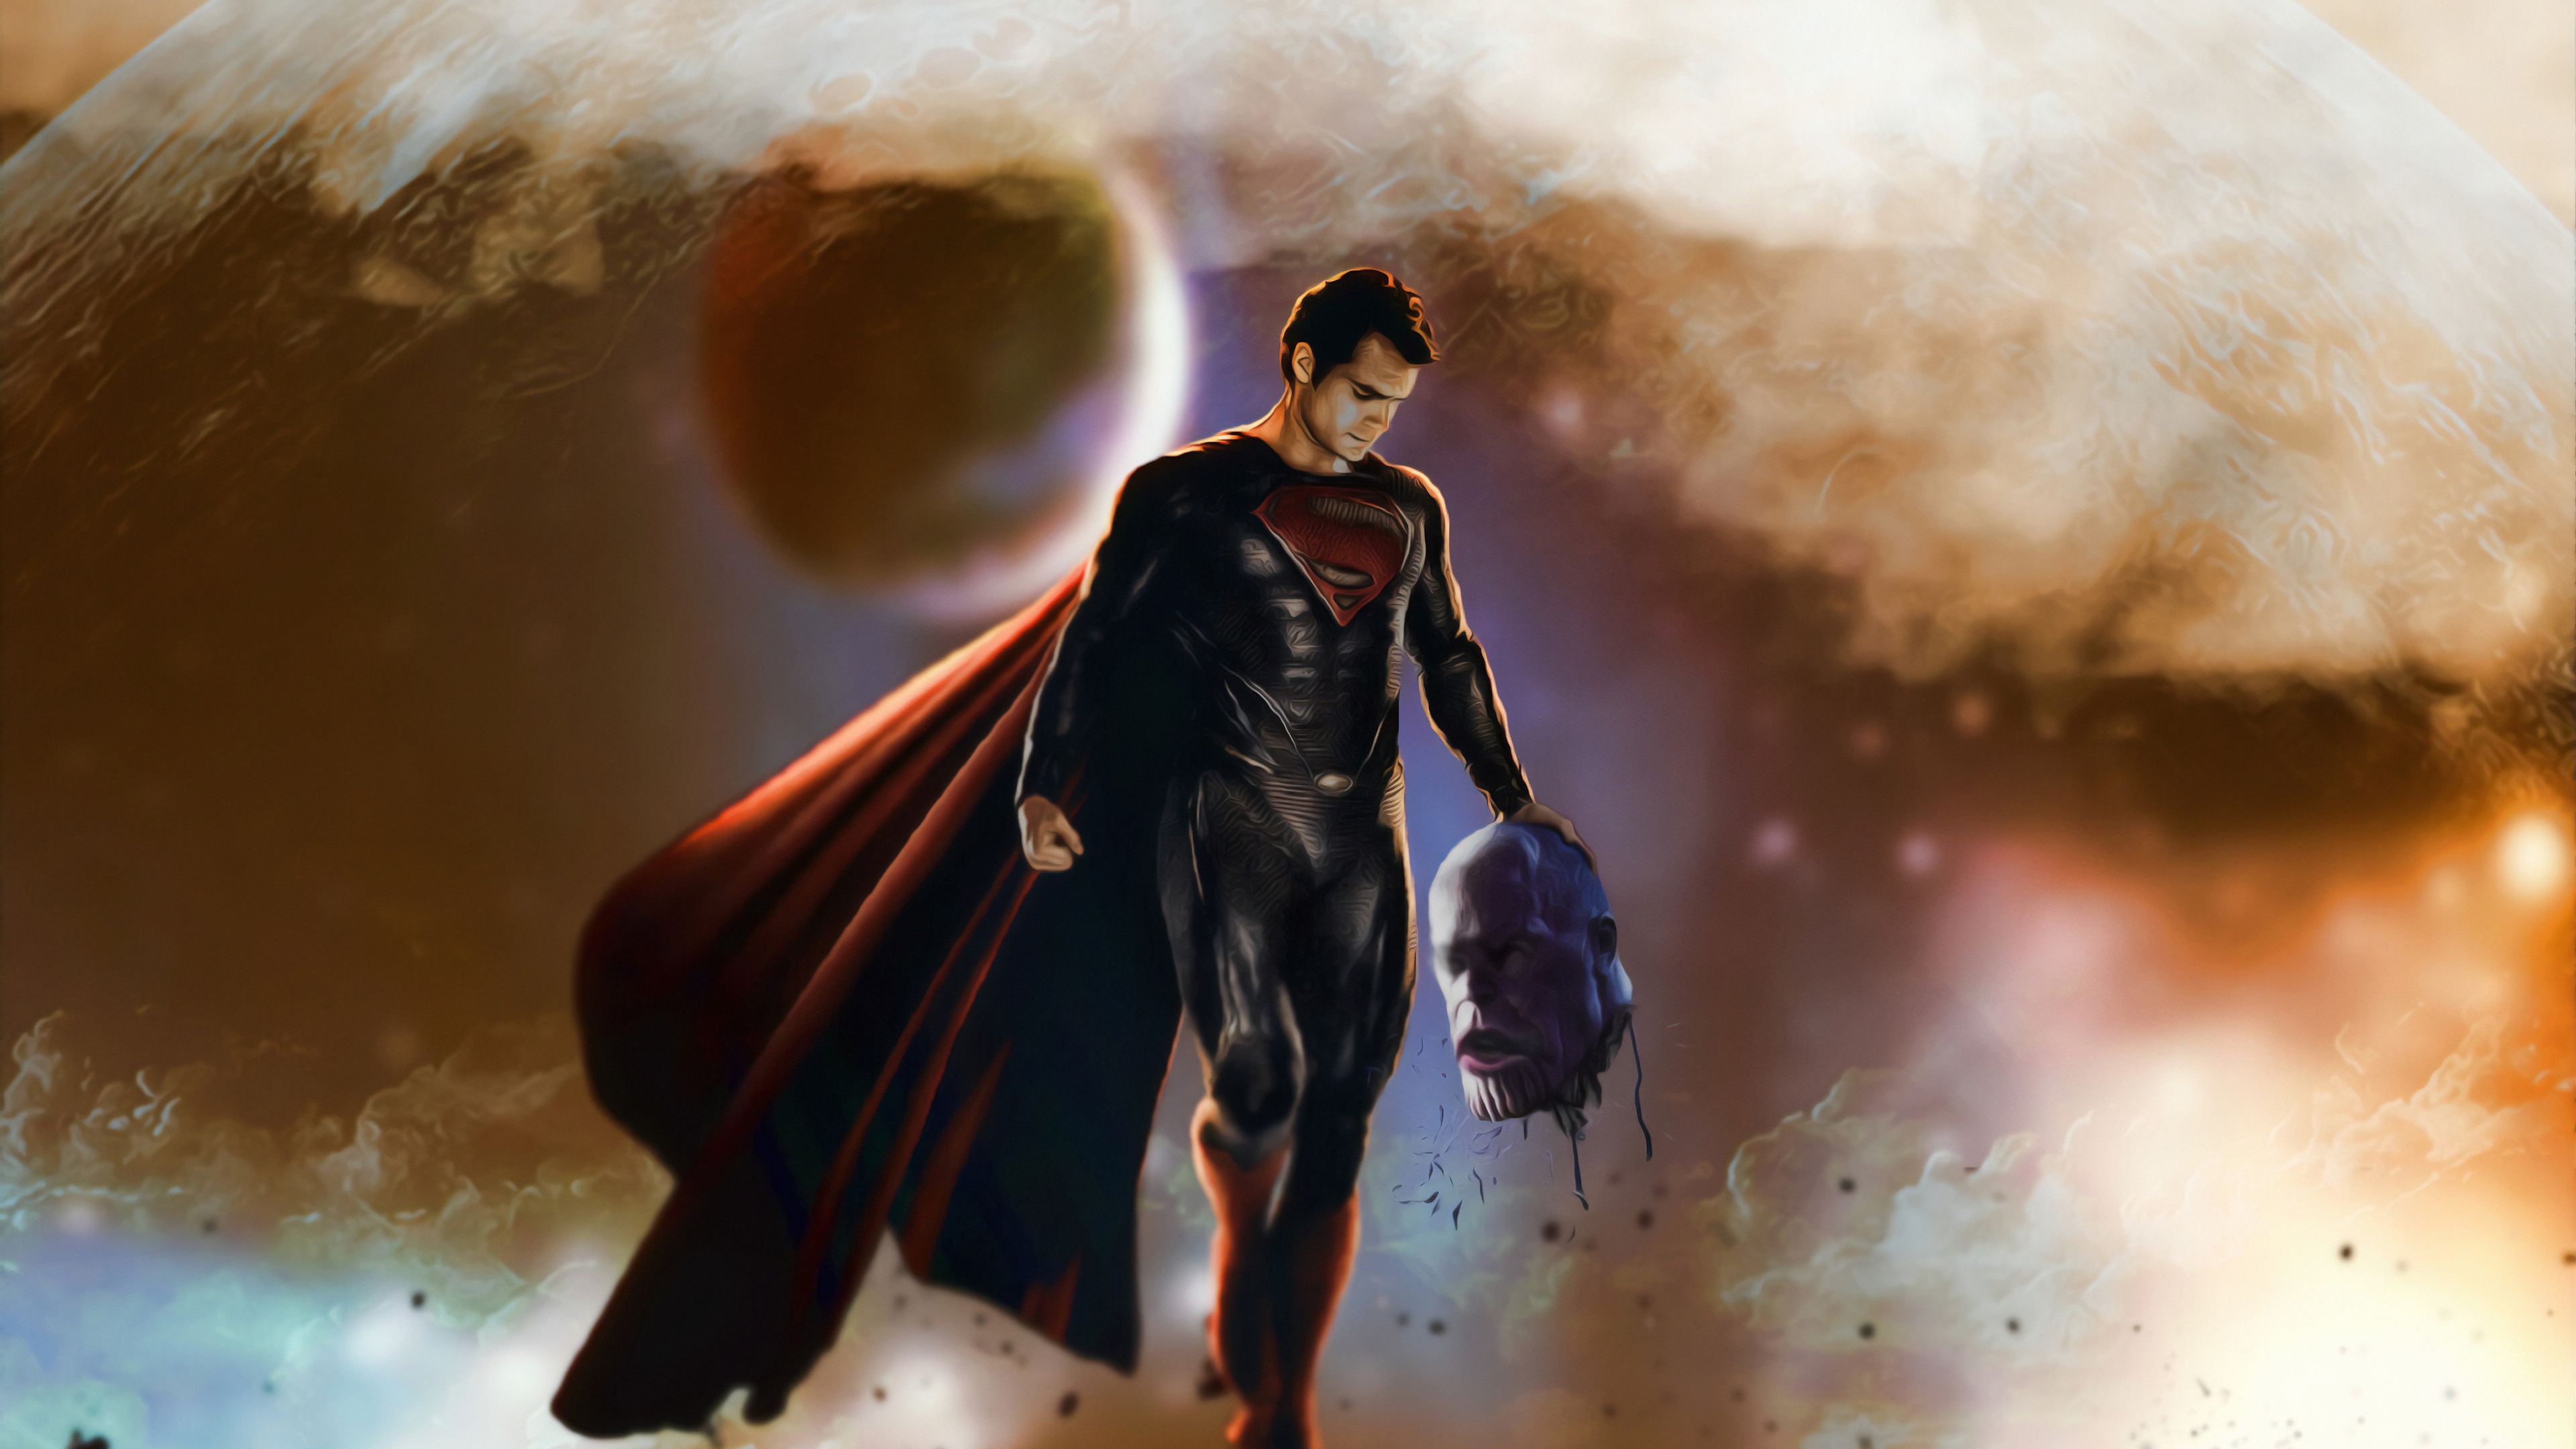 superman thanos head off 1570918379 - Superman Thanos Head Off - superman wallpapers, superheroes wallpapers, hd-wallpapers, artwork wallpapers, artstation wallpapers, 4k-wallpapers